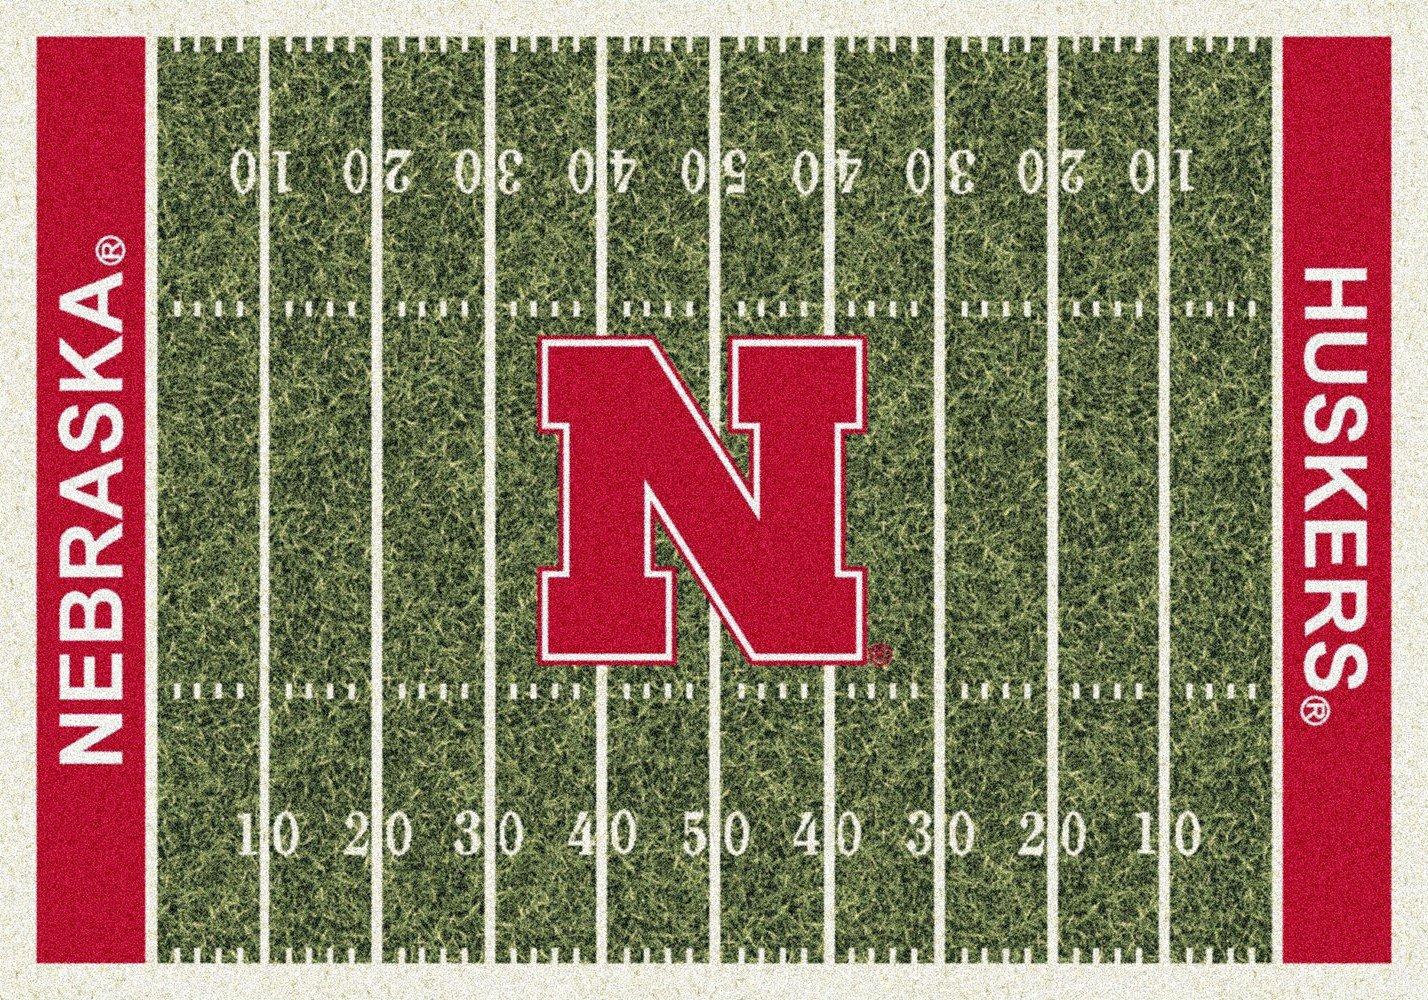 American Floor Mats Nebraska Cornhuskers NCAA College Home Field Team Area Rug 3'10'' x5'4 by American Floor Mats